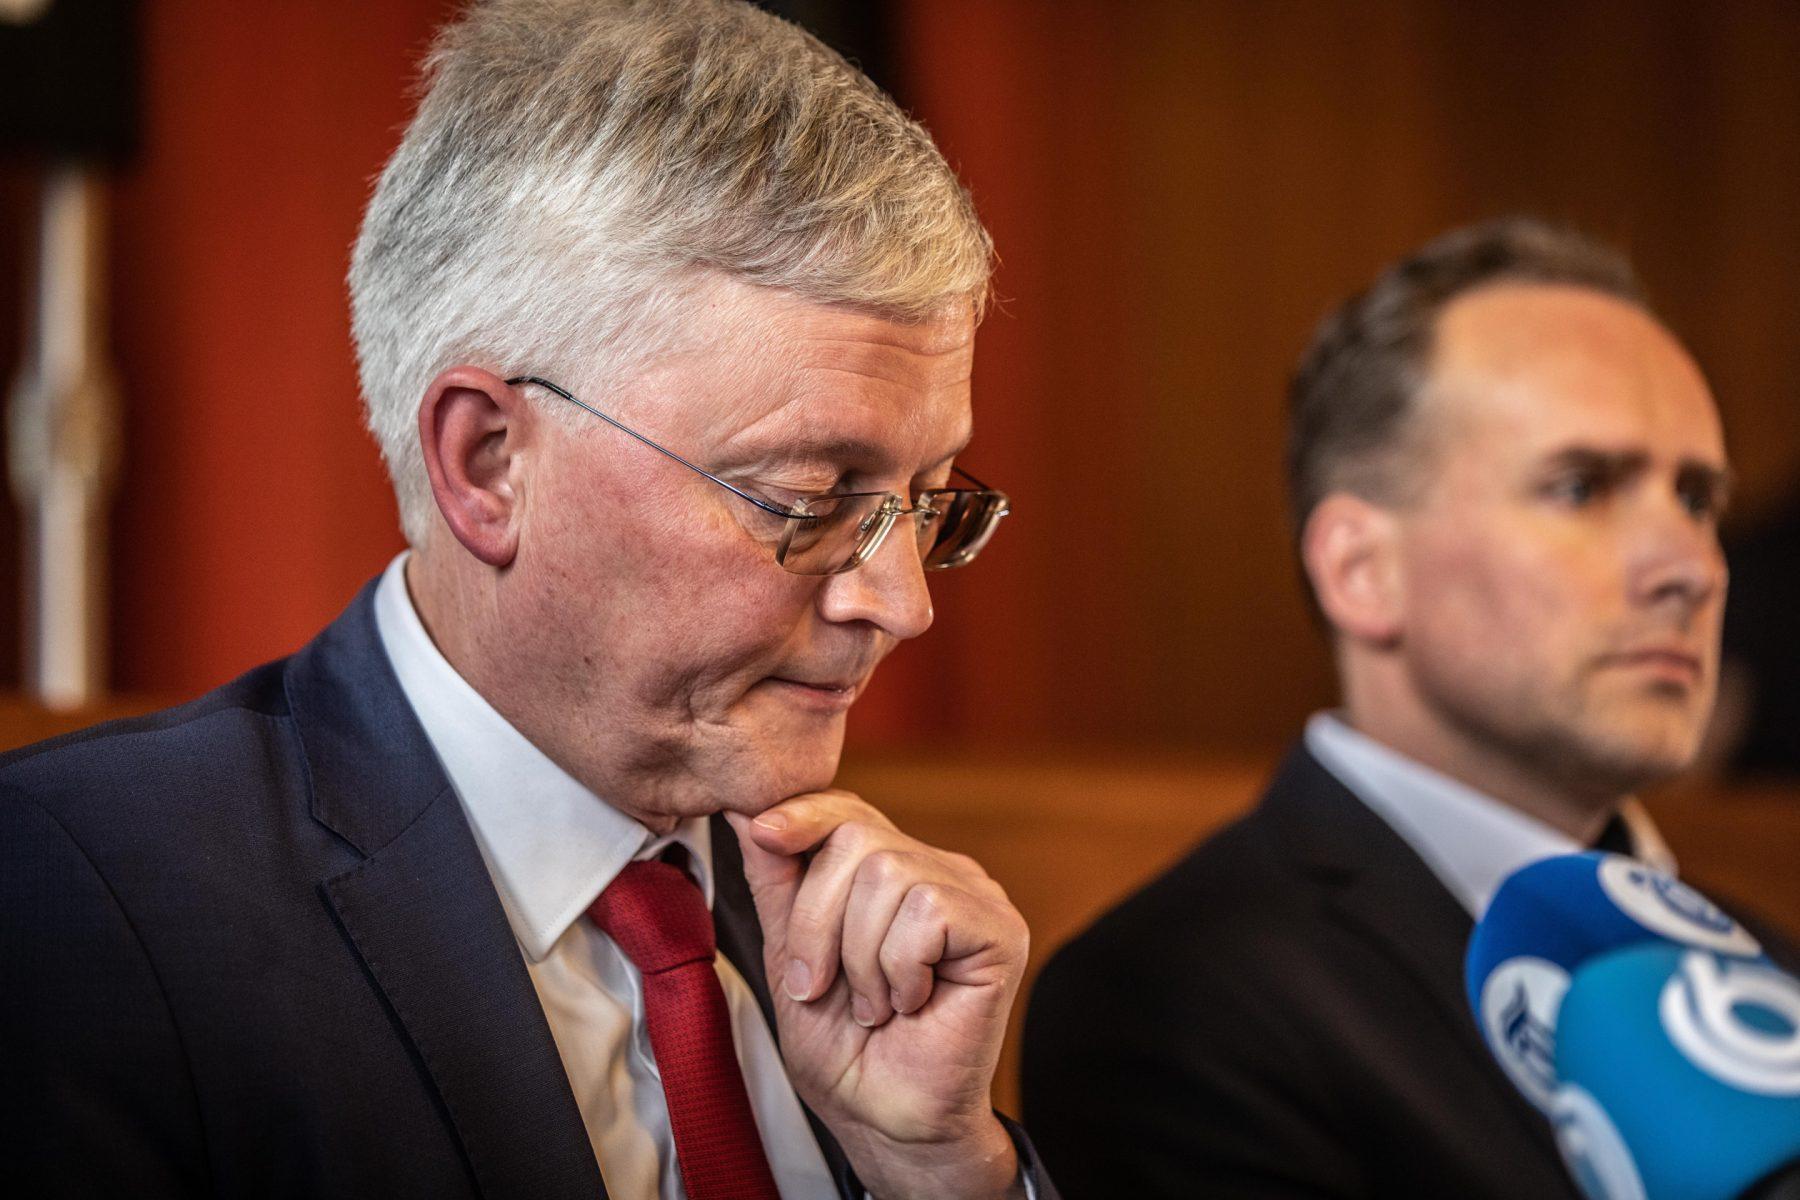 Burgemeester Tilburg legt verantwoordelijkheid neer bij supporters